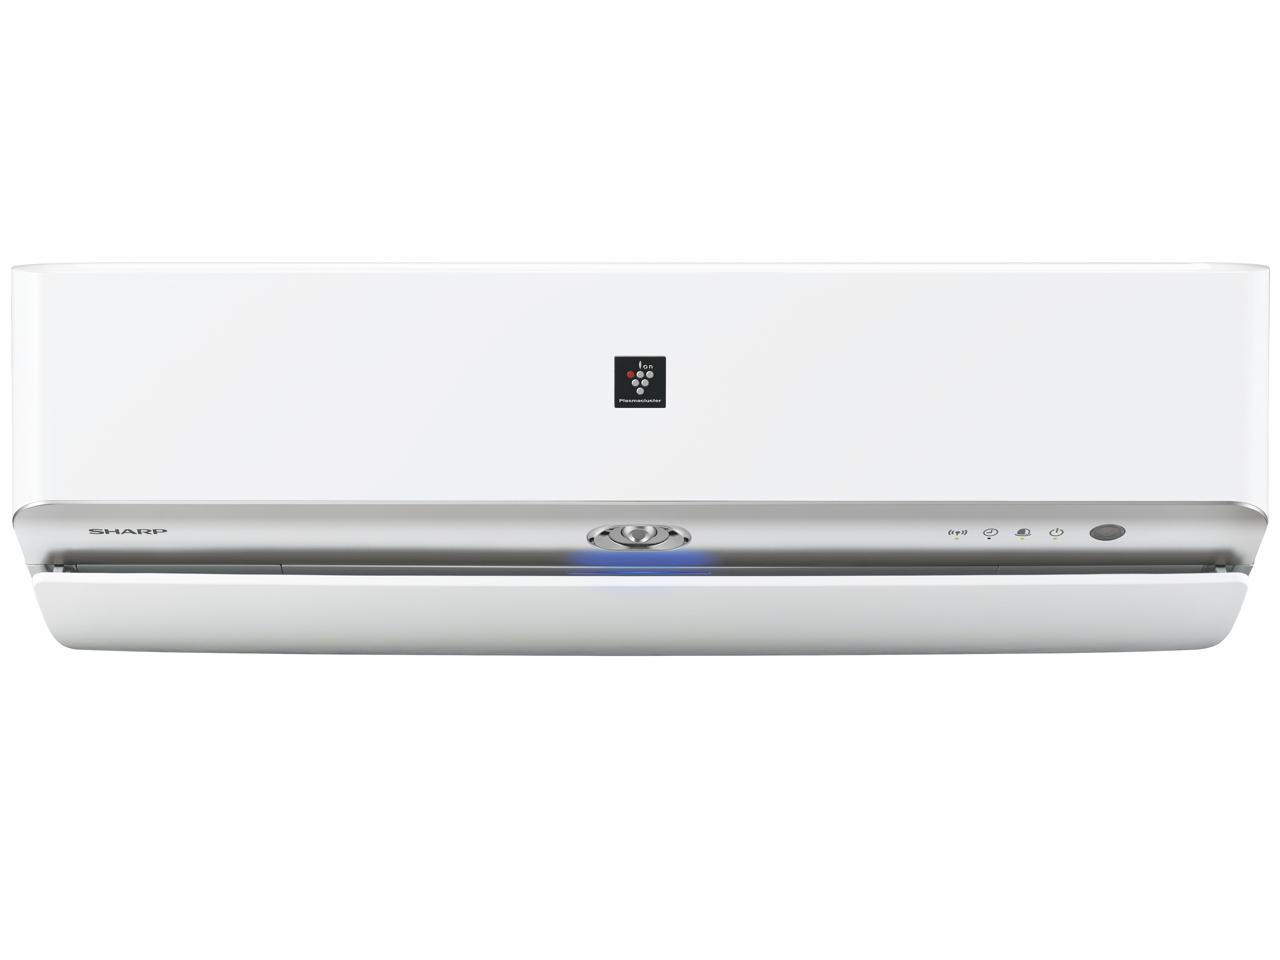 シャープ 19年度モデルH-Xシリーズ AY-J71X2-W【高濃度プラズマクラスター搭載】冷暖房タイプ23畳用エアコン